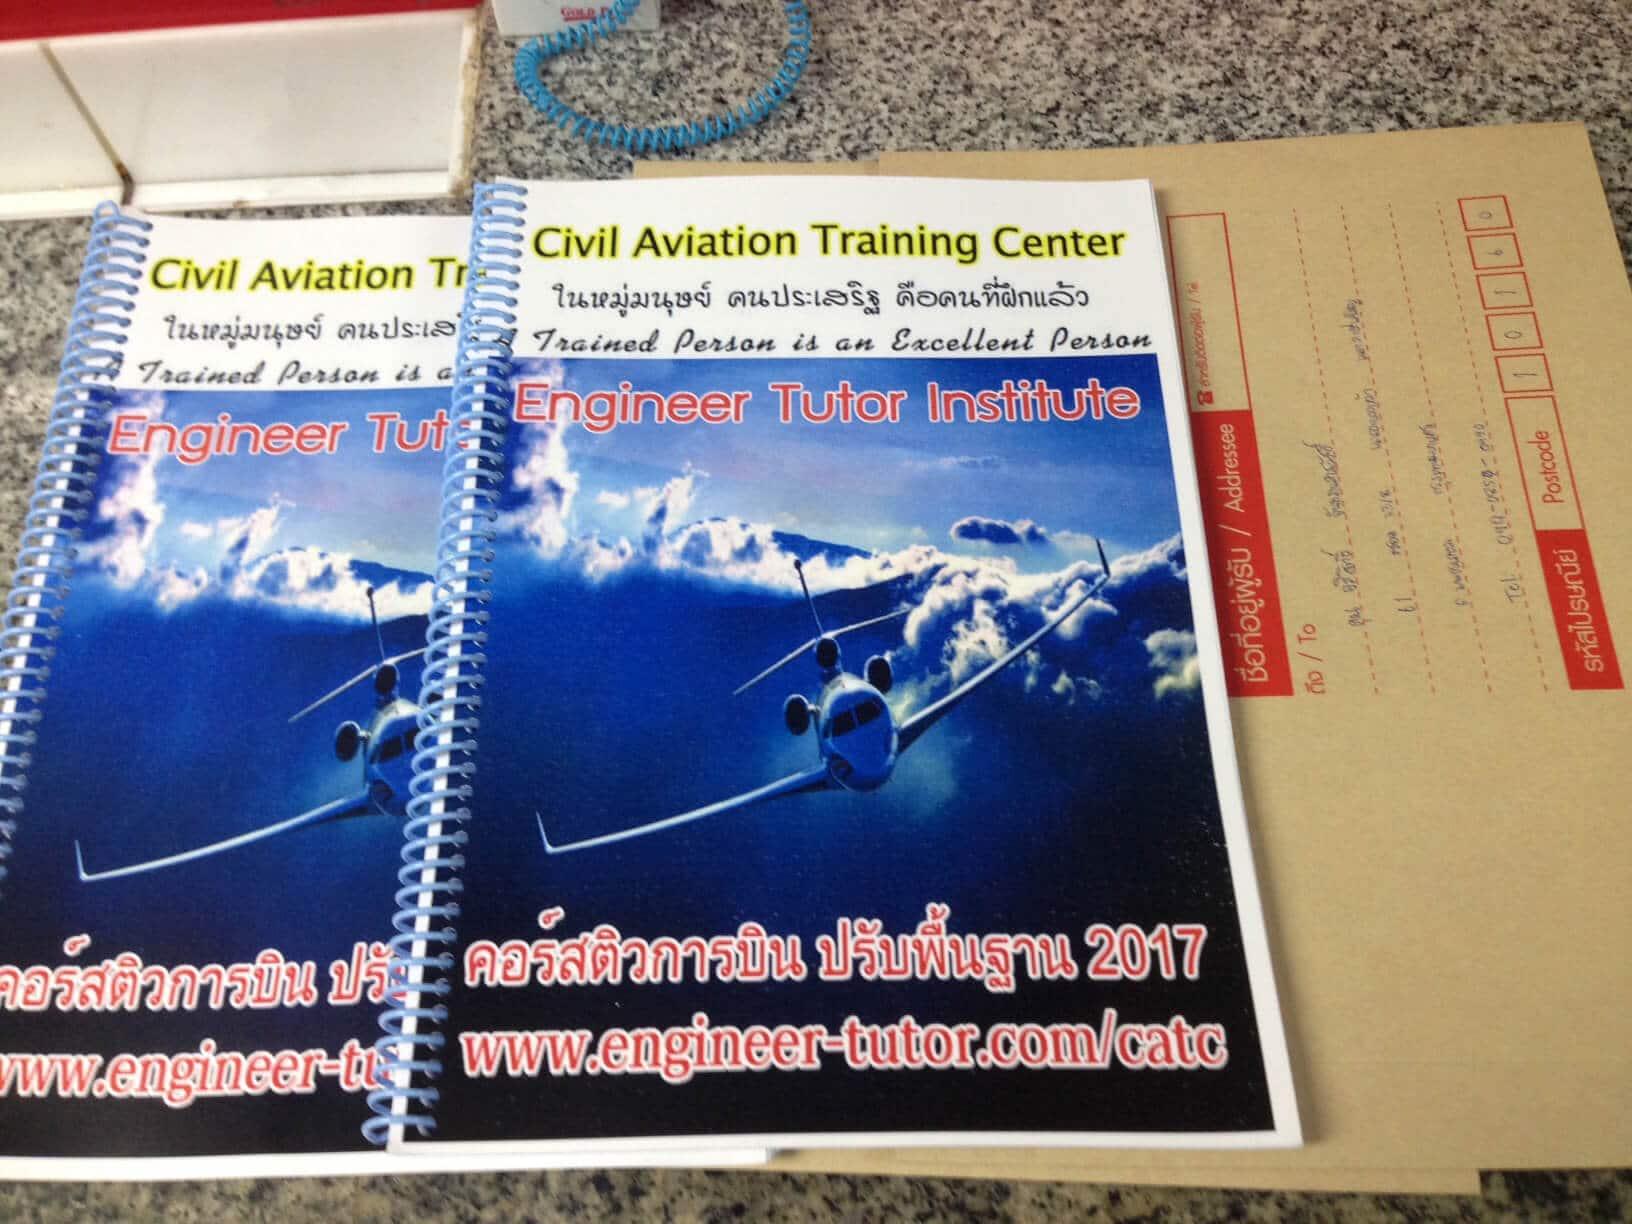 หนังสือติวสอบสถาบันการบินพลเรือน ปรับพื้นฐาน